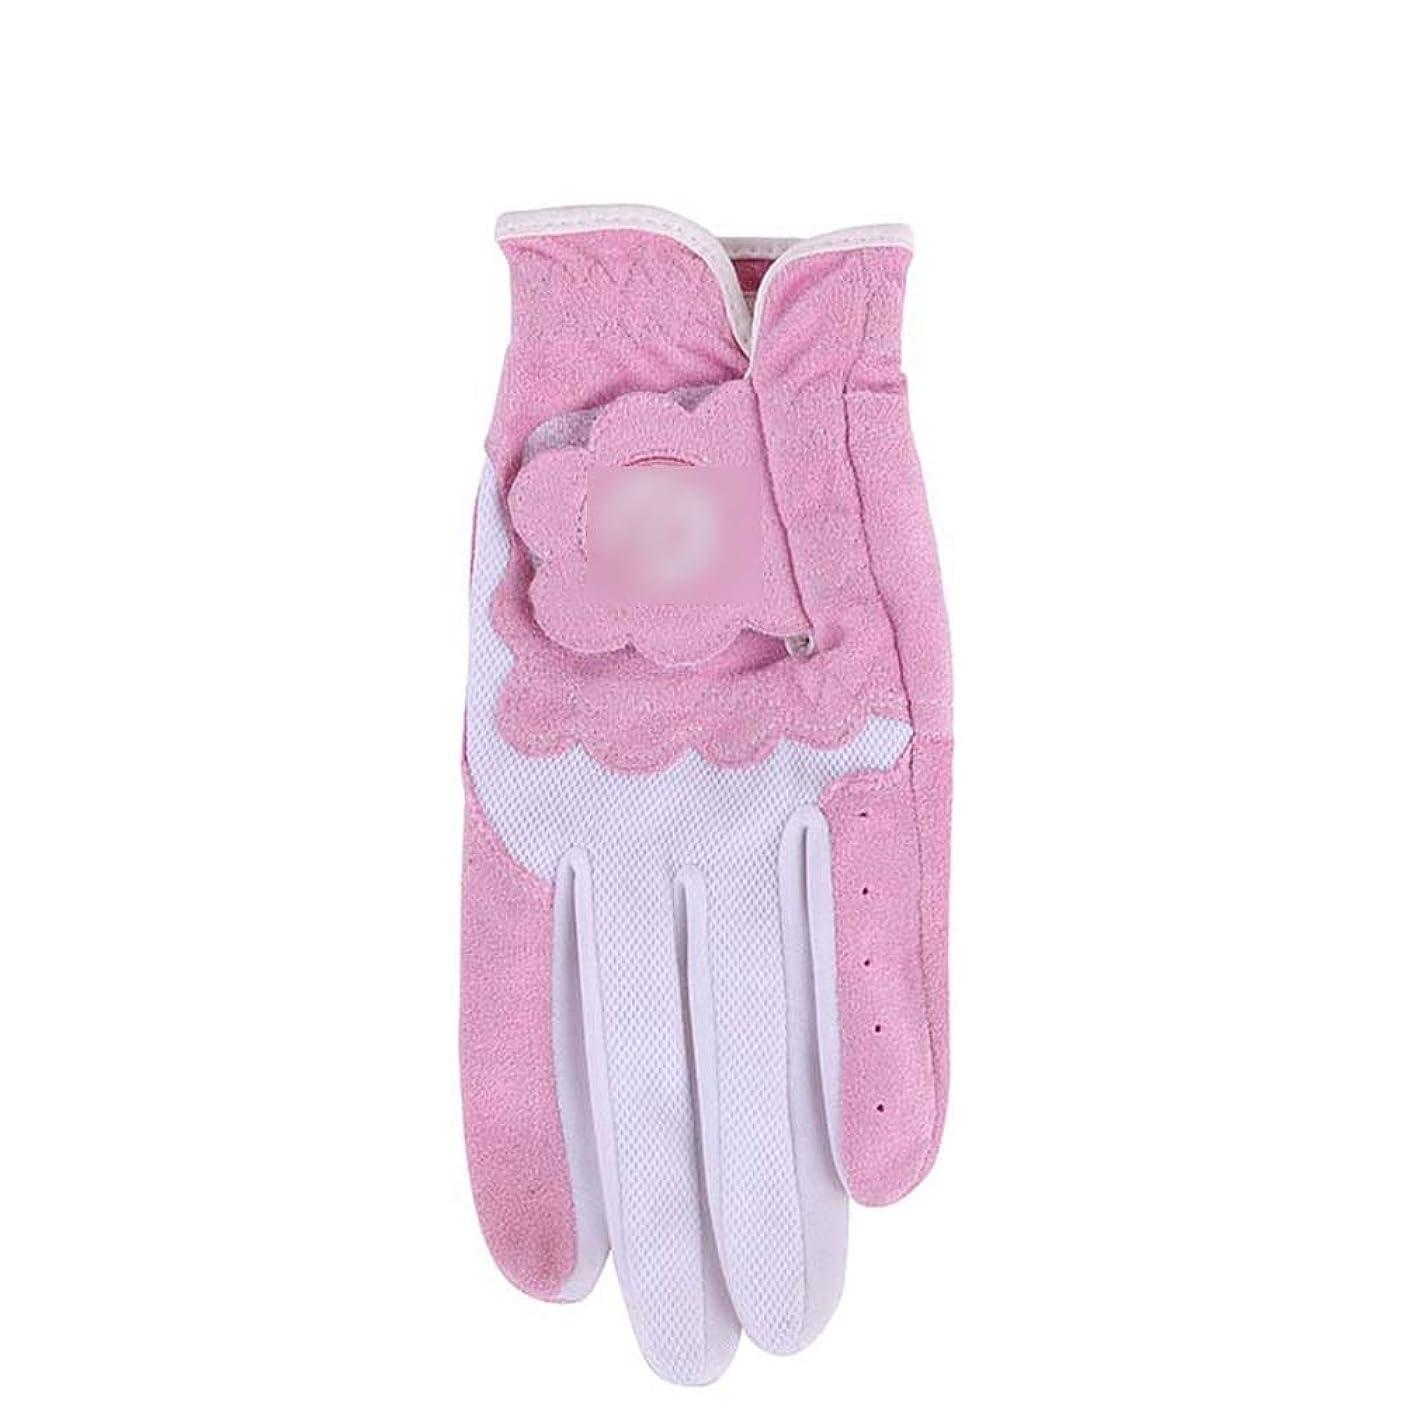 論理的独立してイブニング子供の耐摩耗性滑り止めゴルフ練習用手袋ベルクロの高い弾性コンフォート手袋1ペアのパッキングを着用するのは簡単 (色 : ピンク, サイズ : 16)